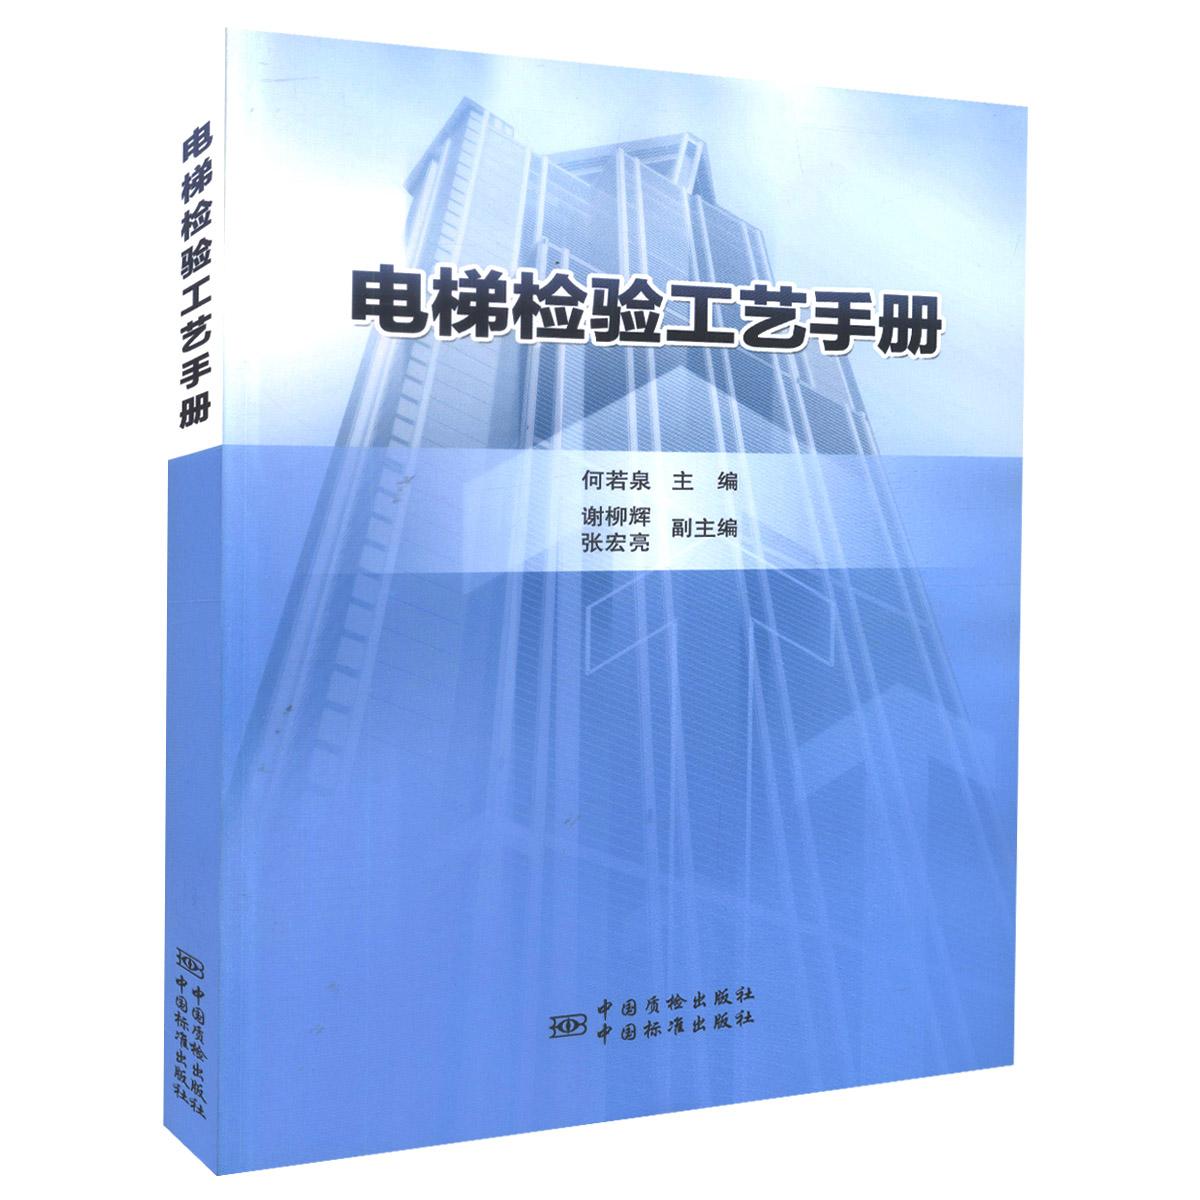 正版现货 电梯检验工艺手册 电梯技术 电梯工艺手册 电梯检验技术 何